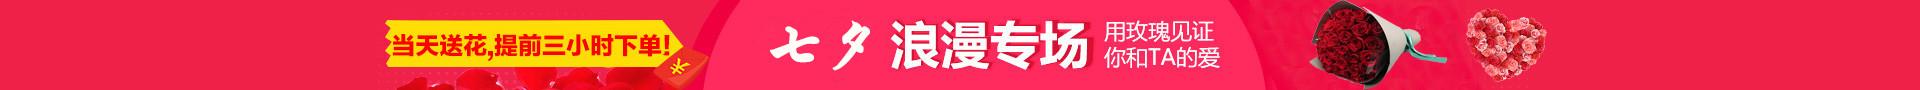 七夕情人节送花全国配送